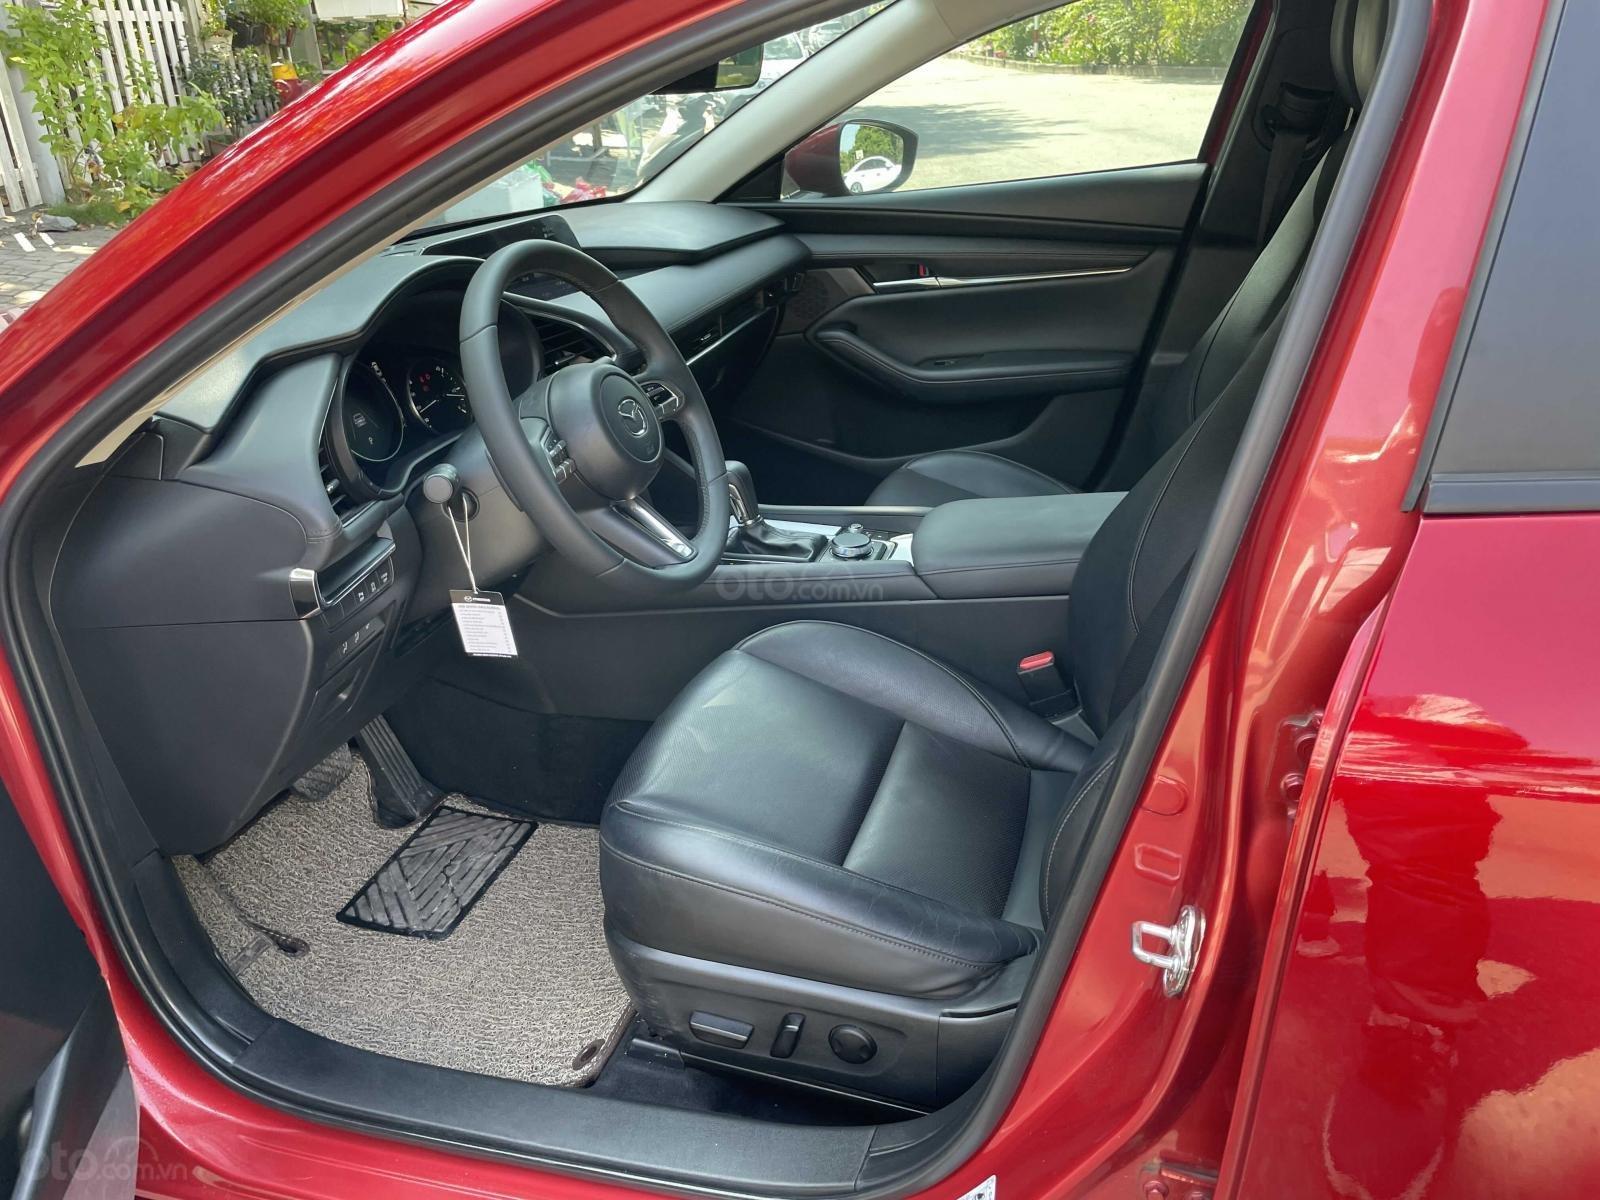 Bán ô tô Mazda 3 đời 2020, màu đỏ còn mới giá tốt 722 triệu đồng (10)